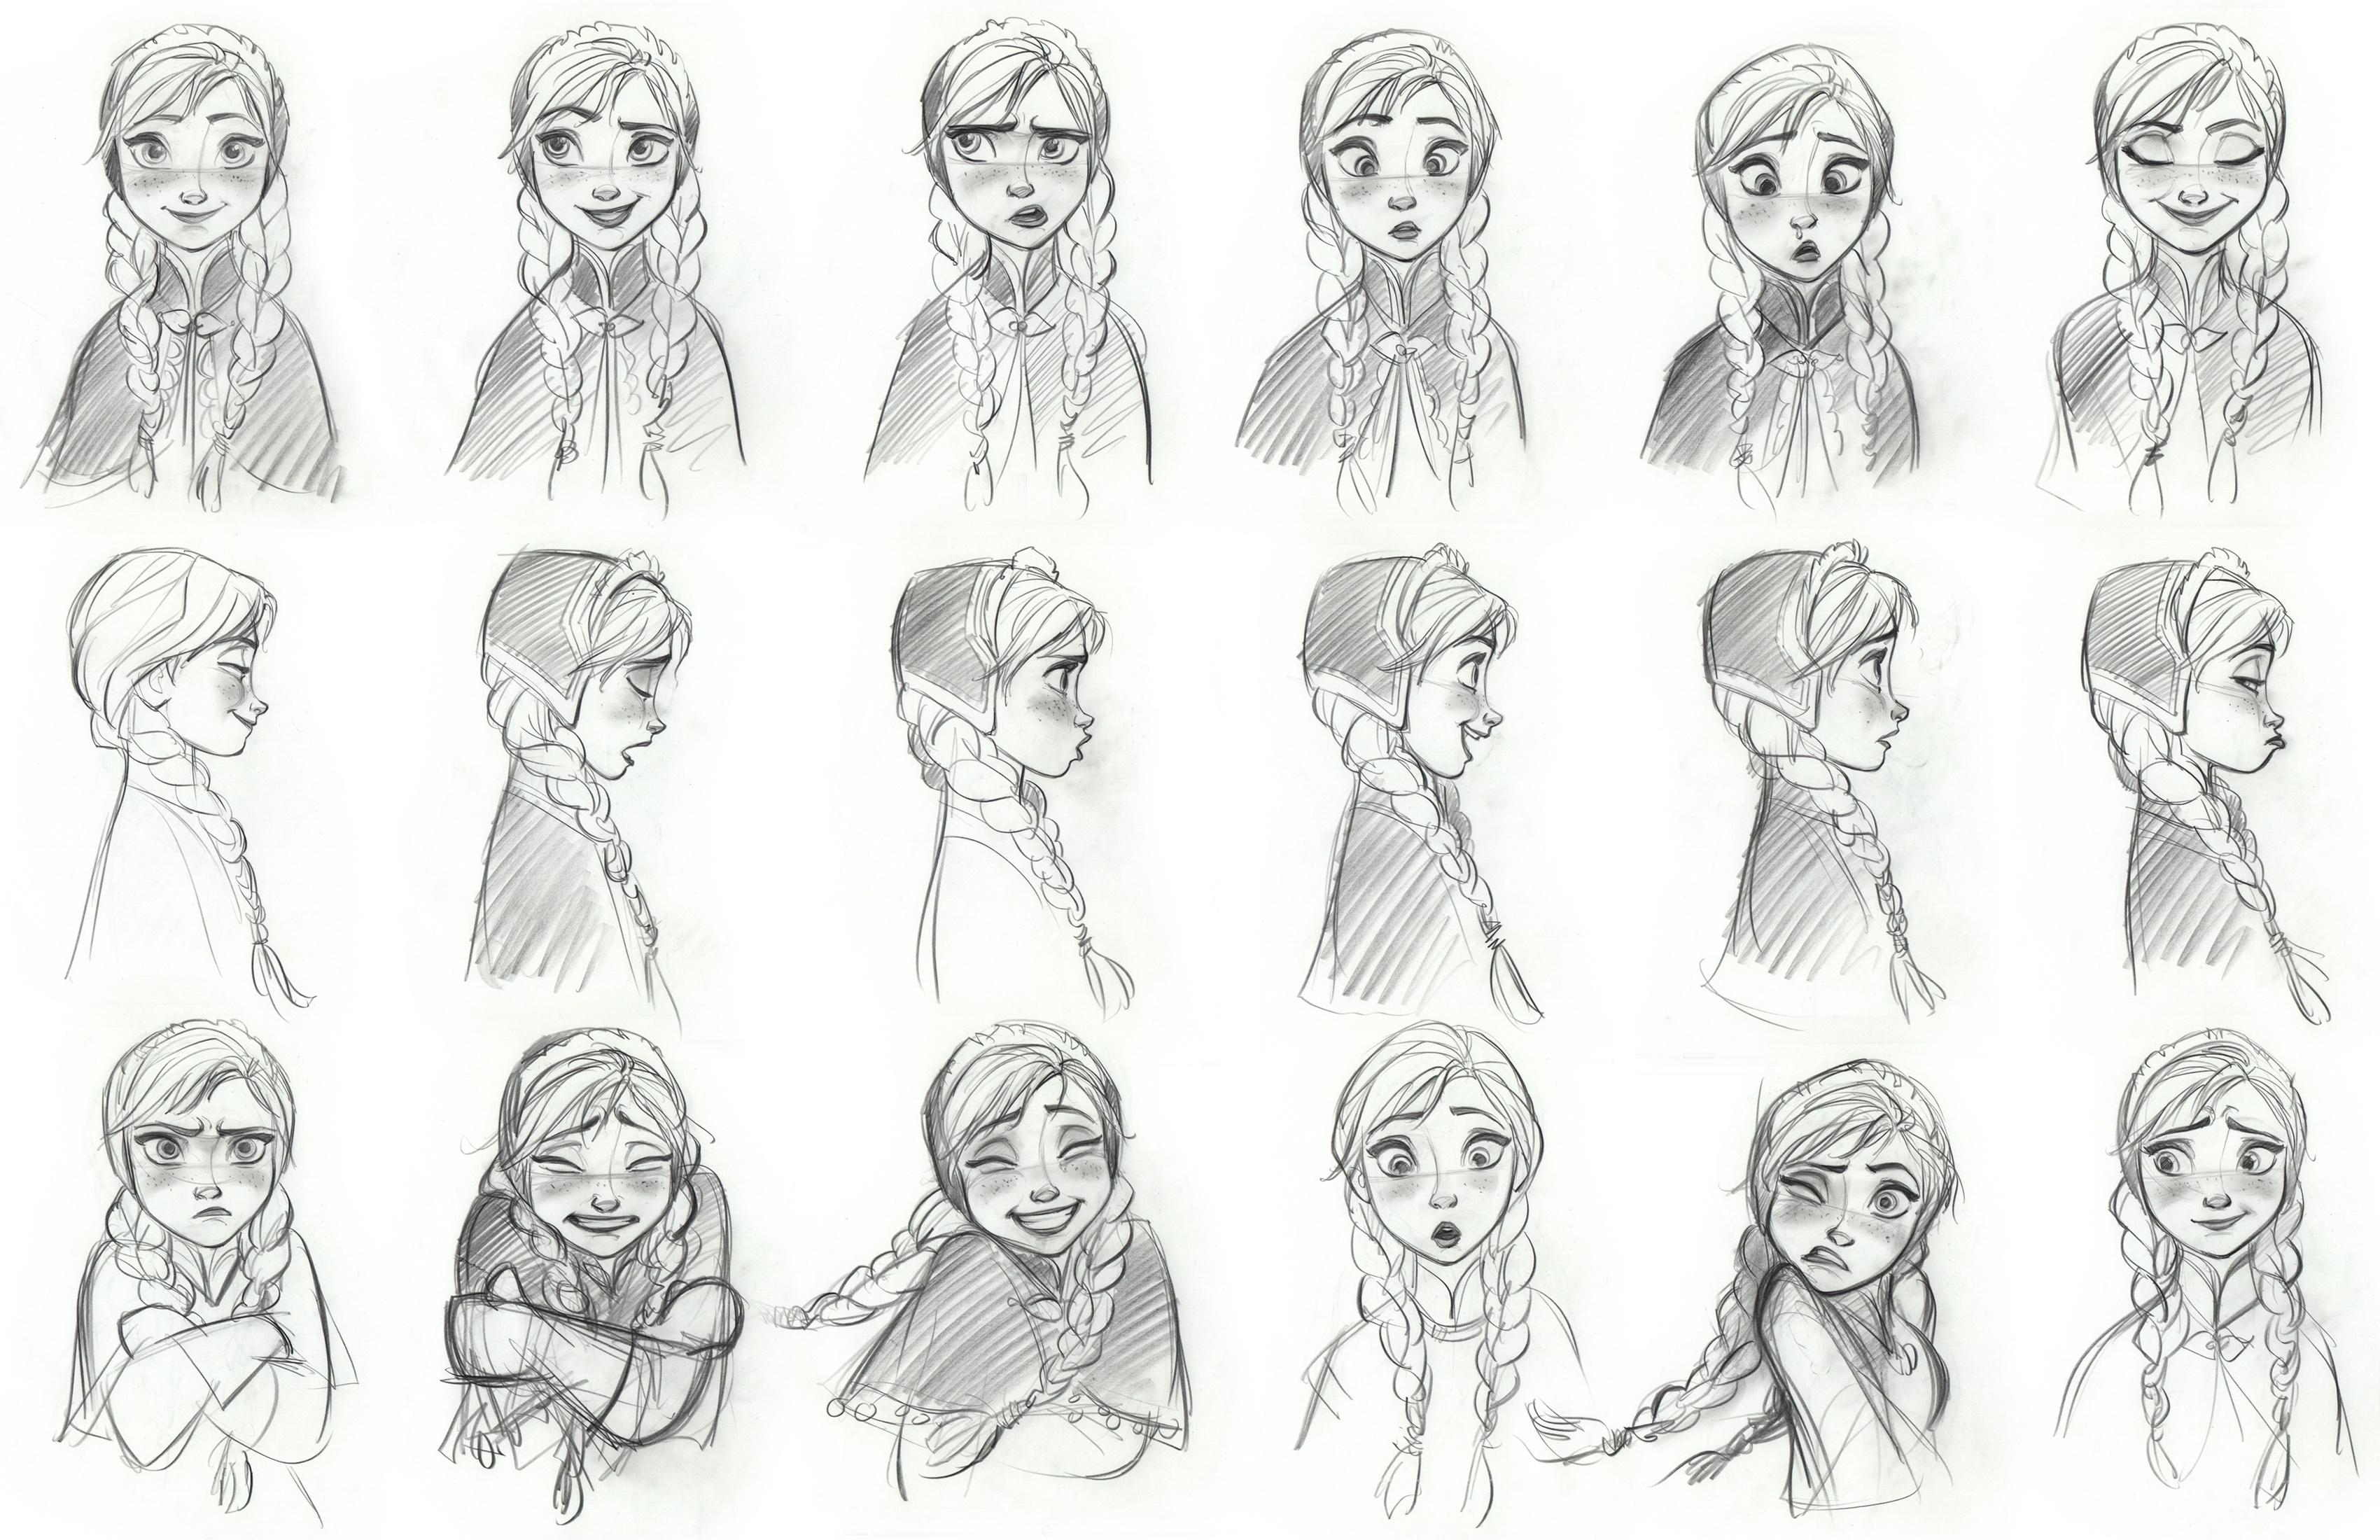 Personagens Frozen - Disney